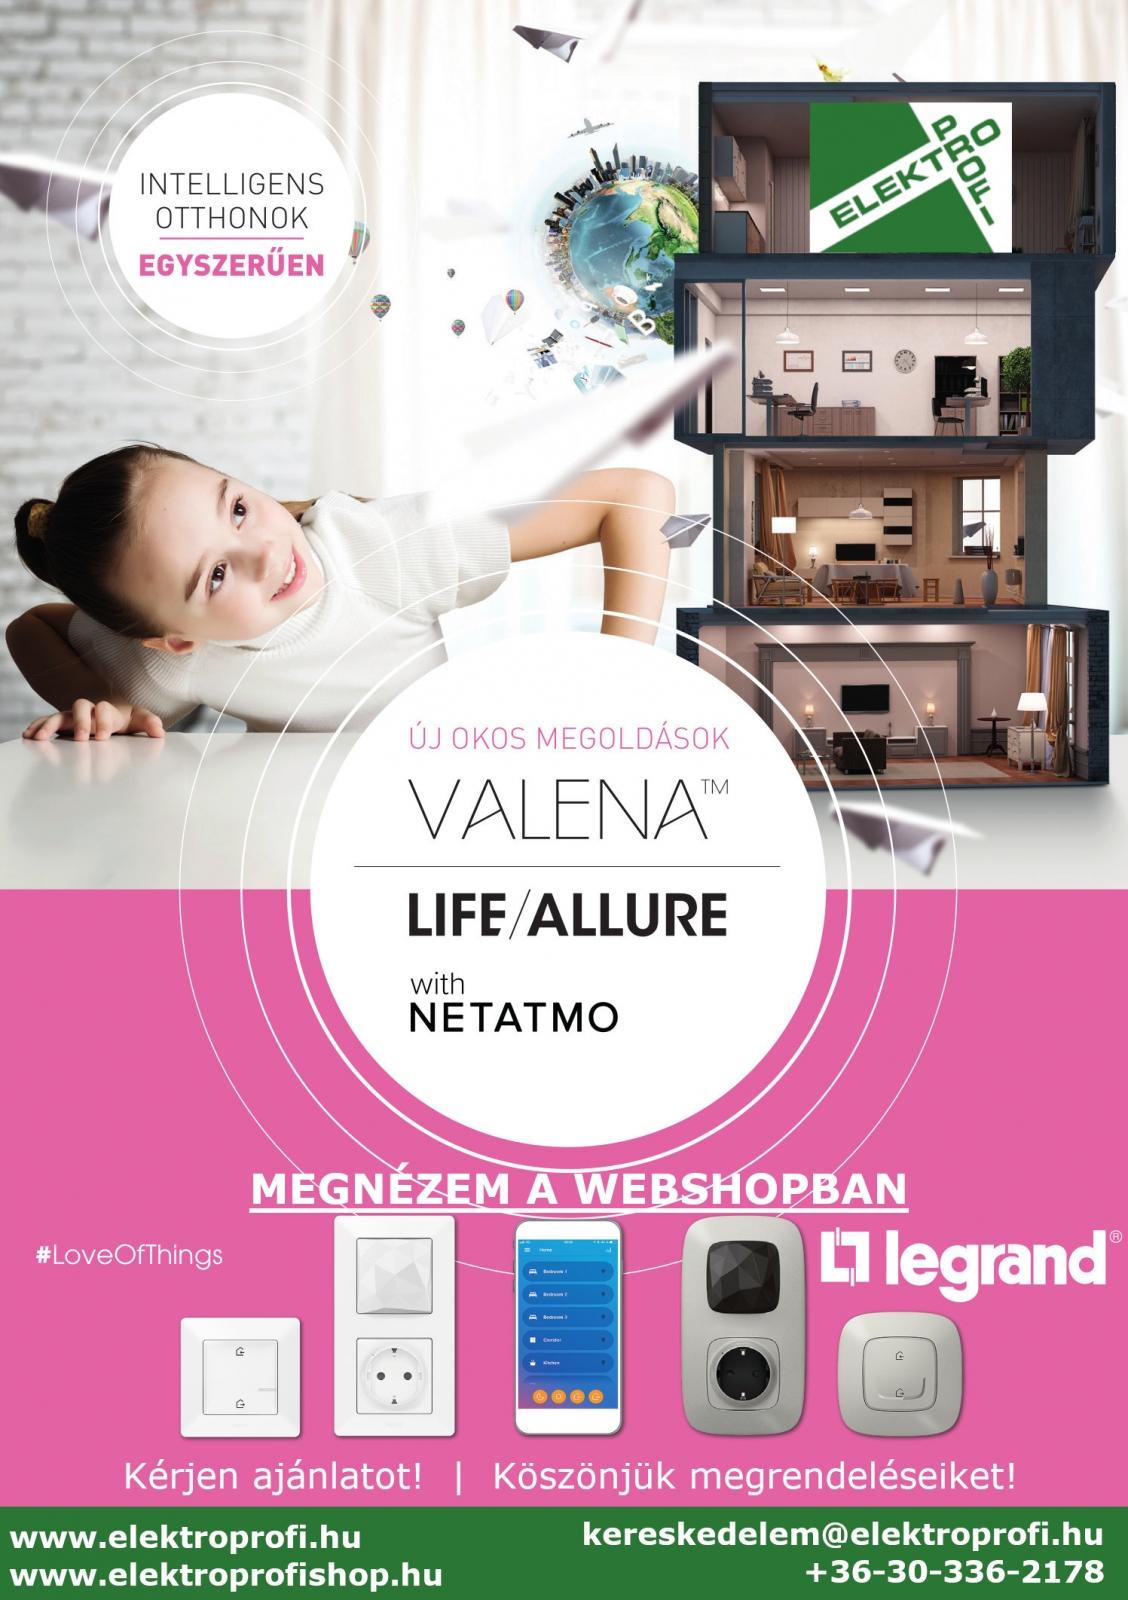 Új okos otthon megoldások Legrand Valena LIFE/ALLURE with NETAMO